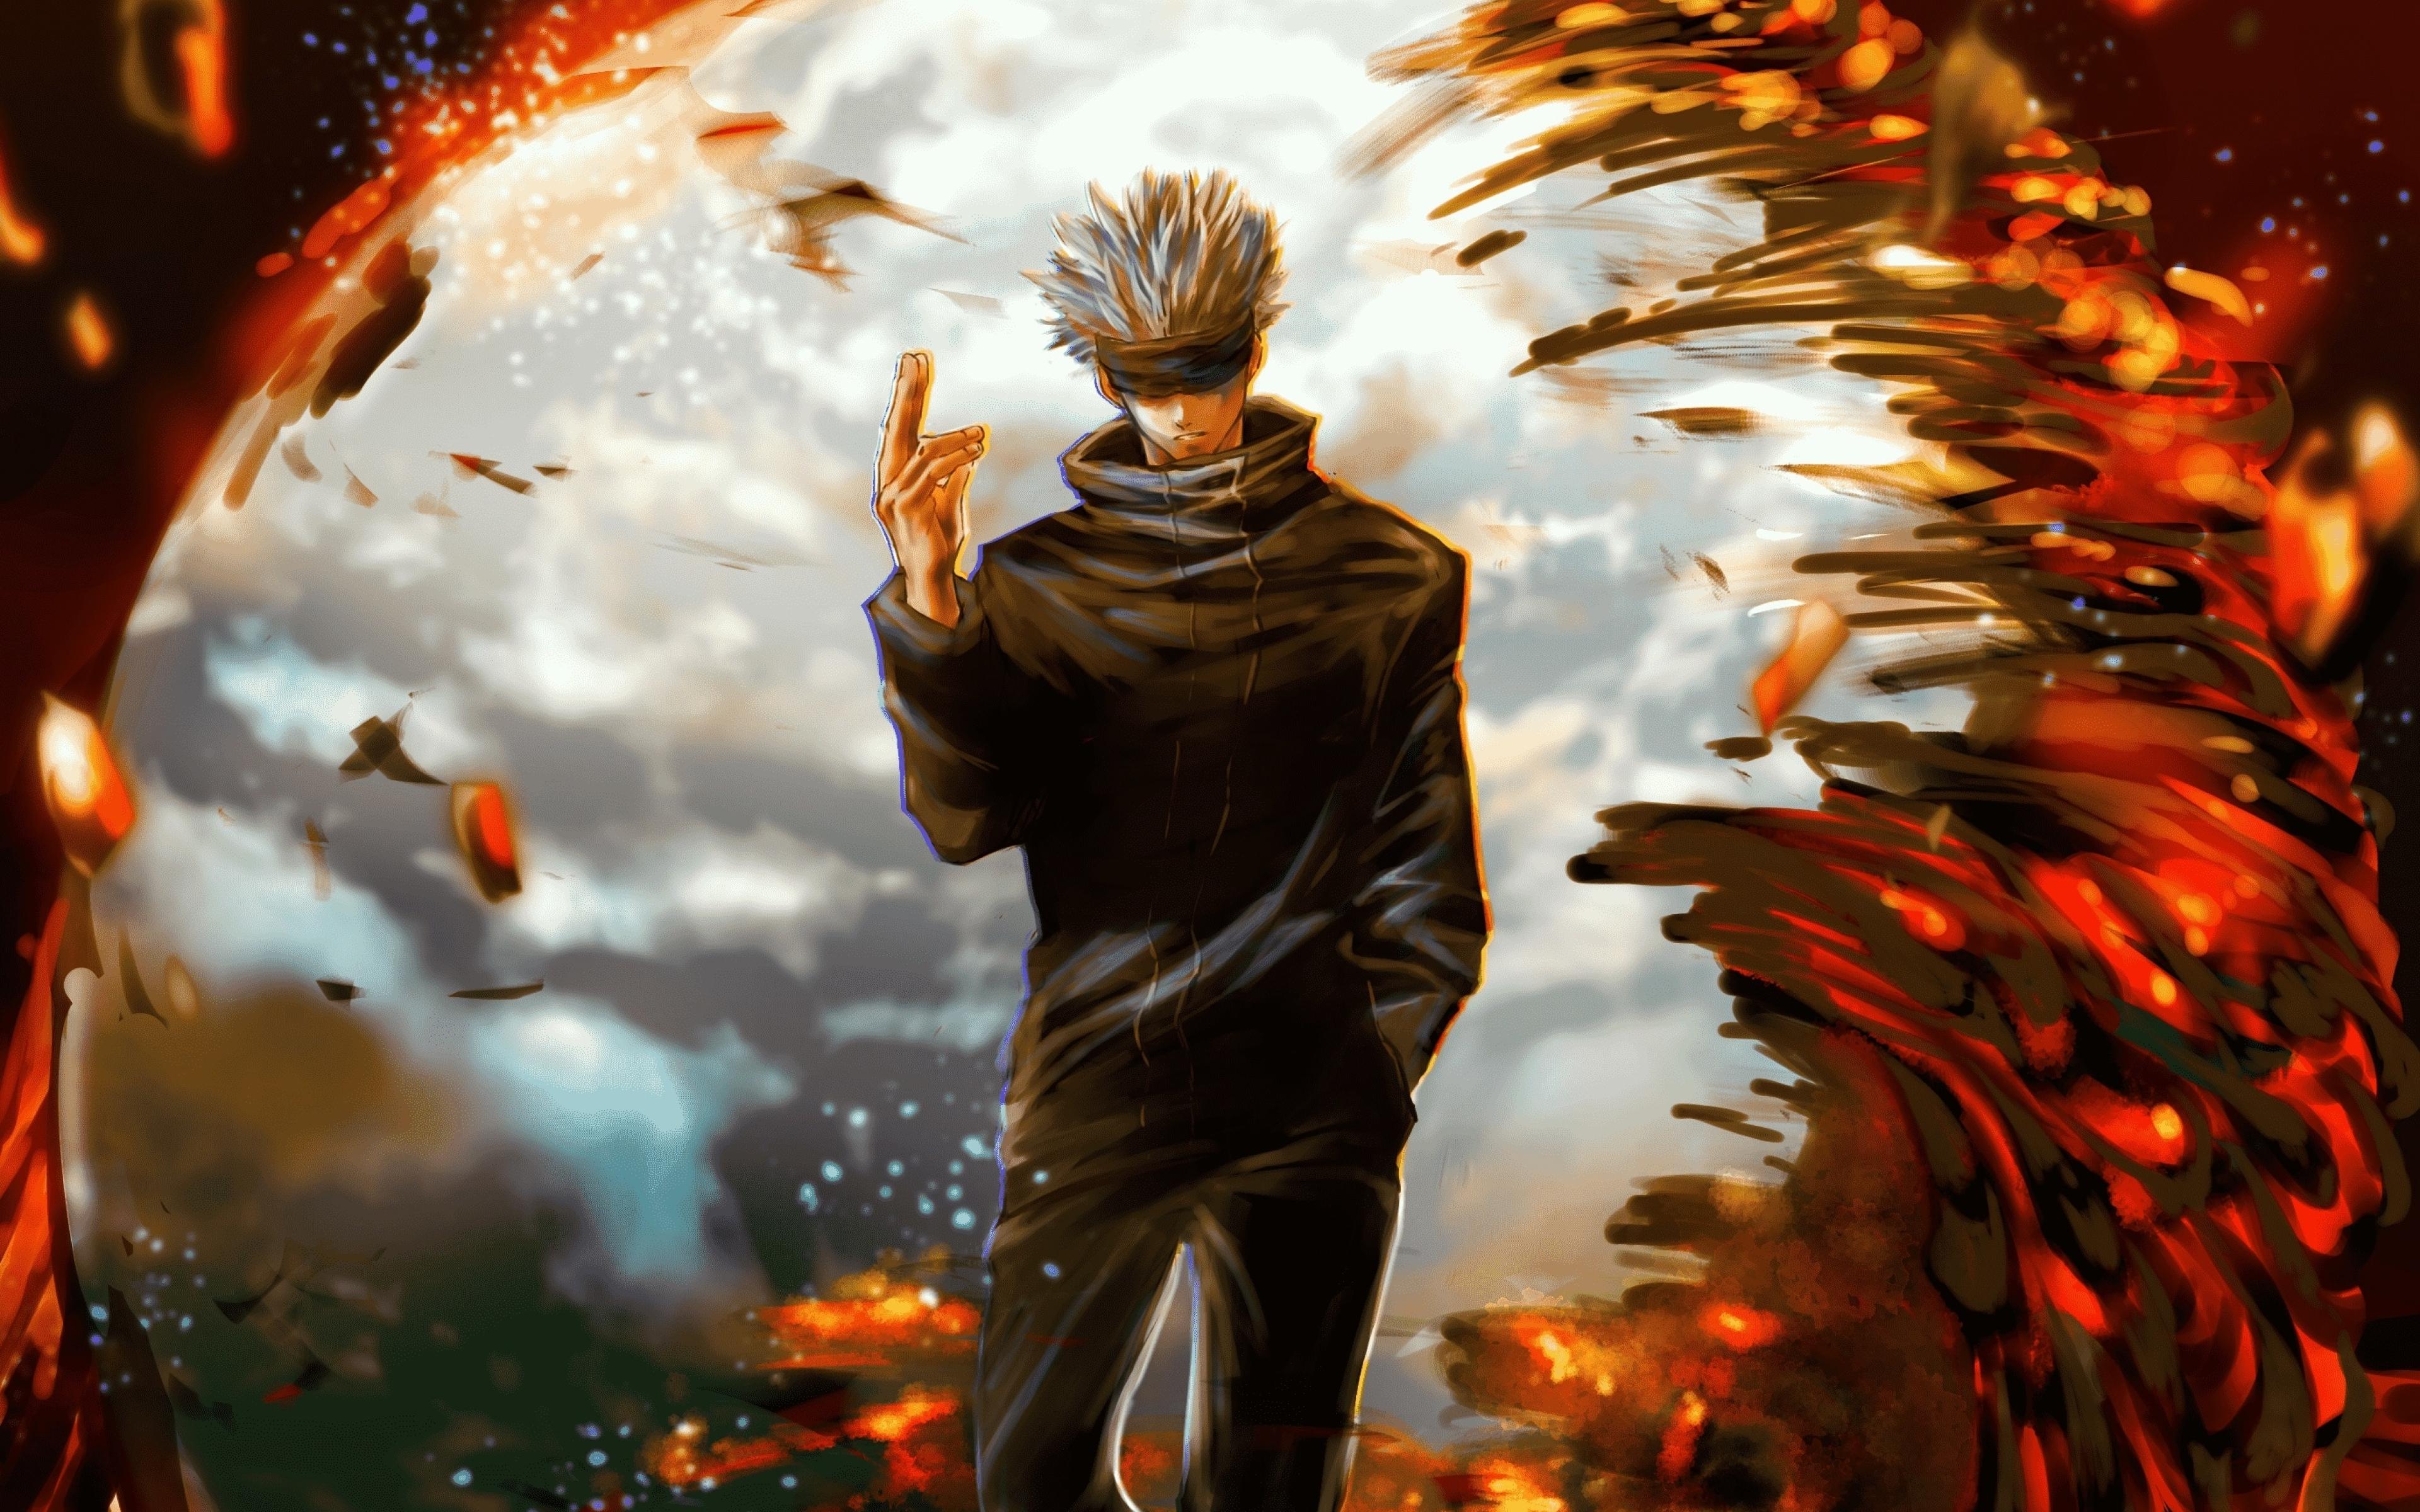 Download Wallpaper Laptop Anime Jujutsu Kaisen : 1080x2400 Kento Nanami in Jujutsu Kaisen ...